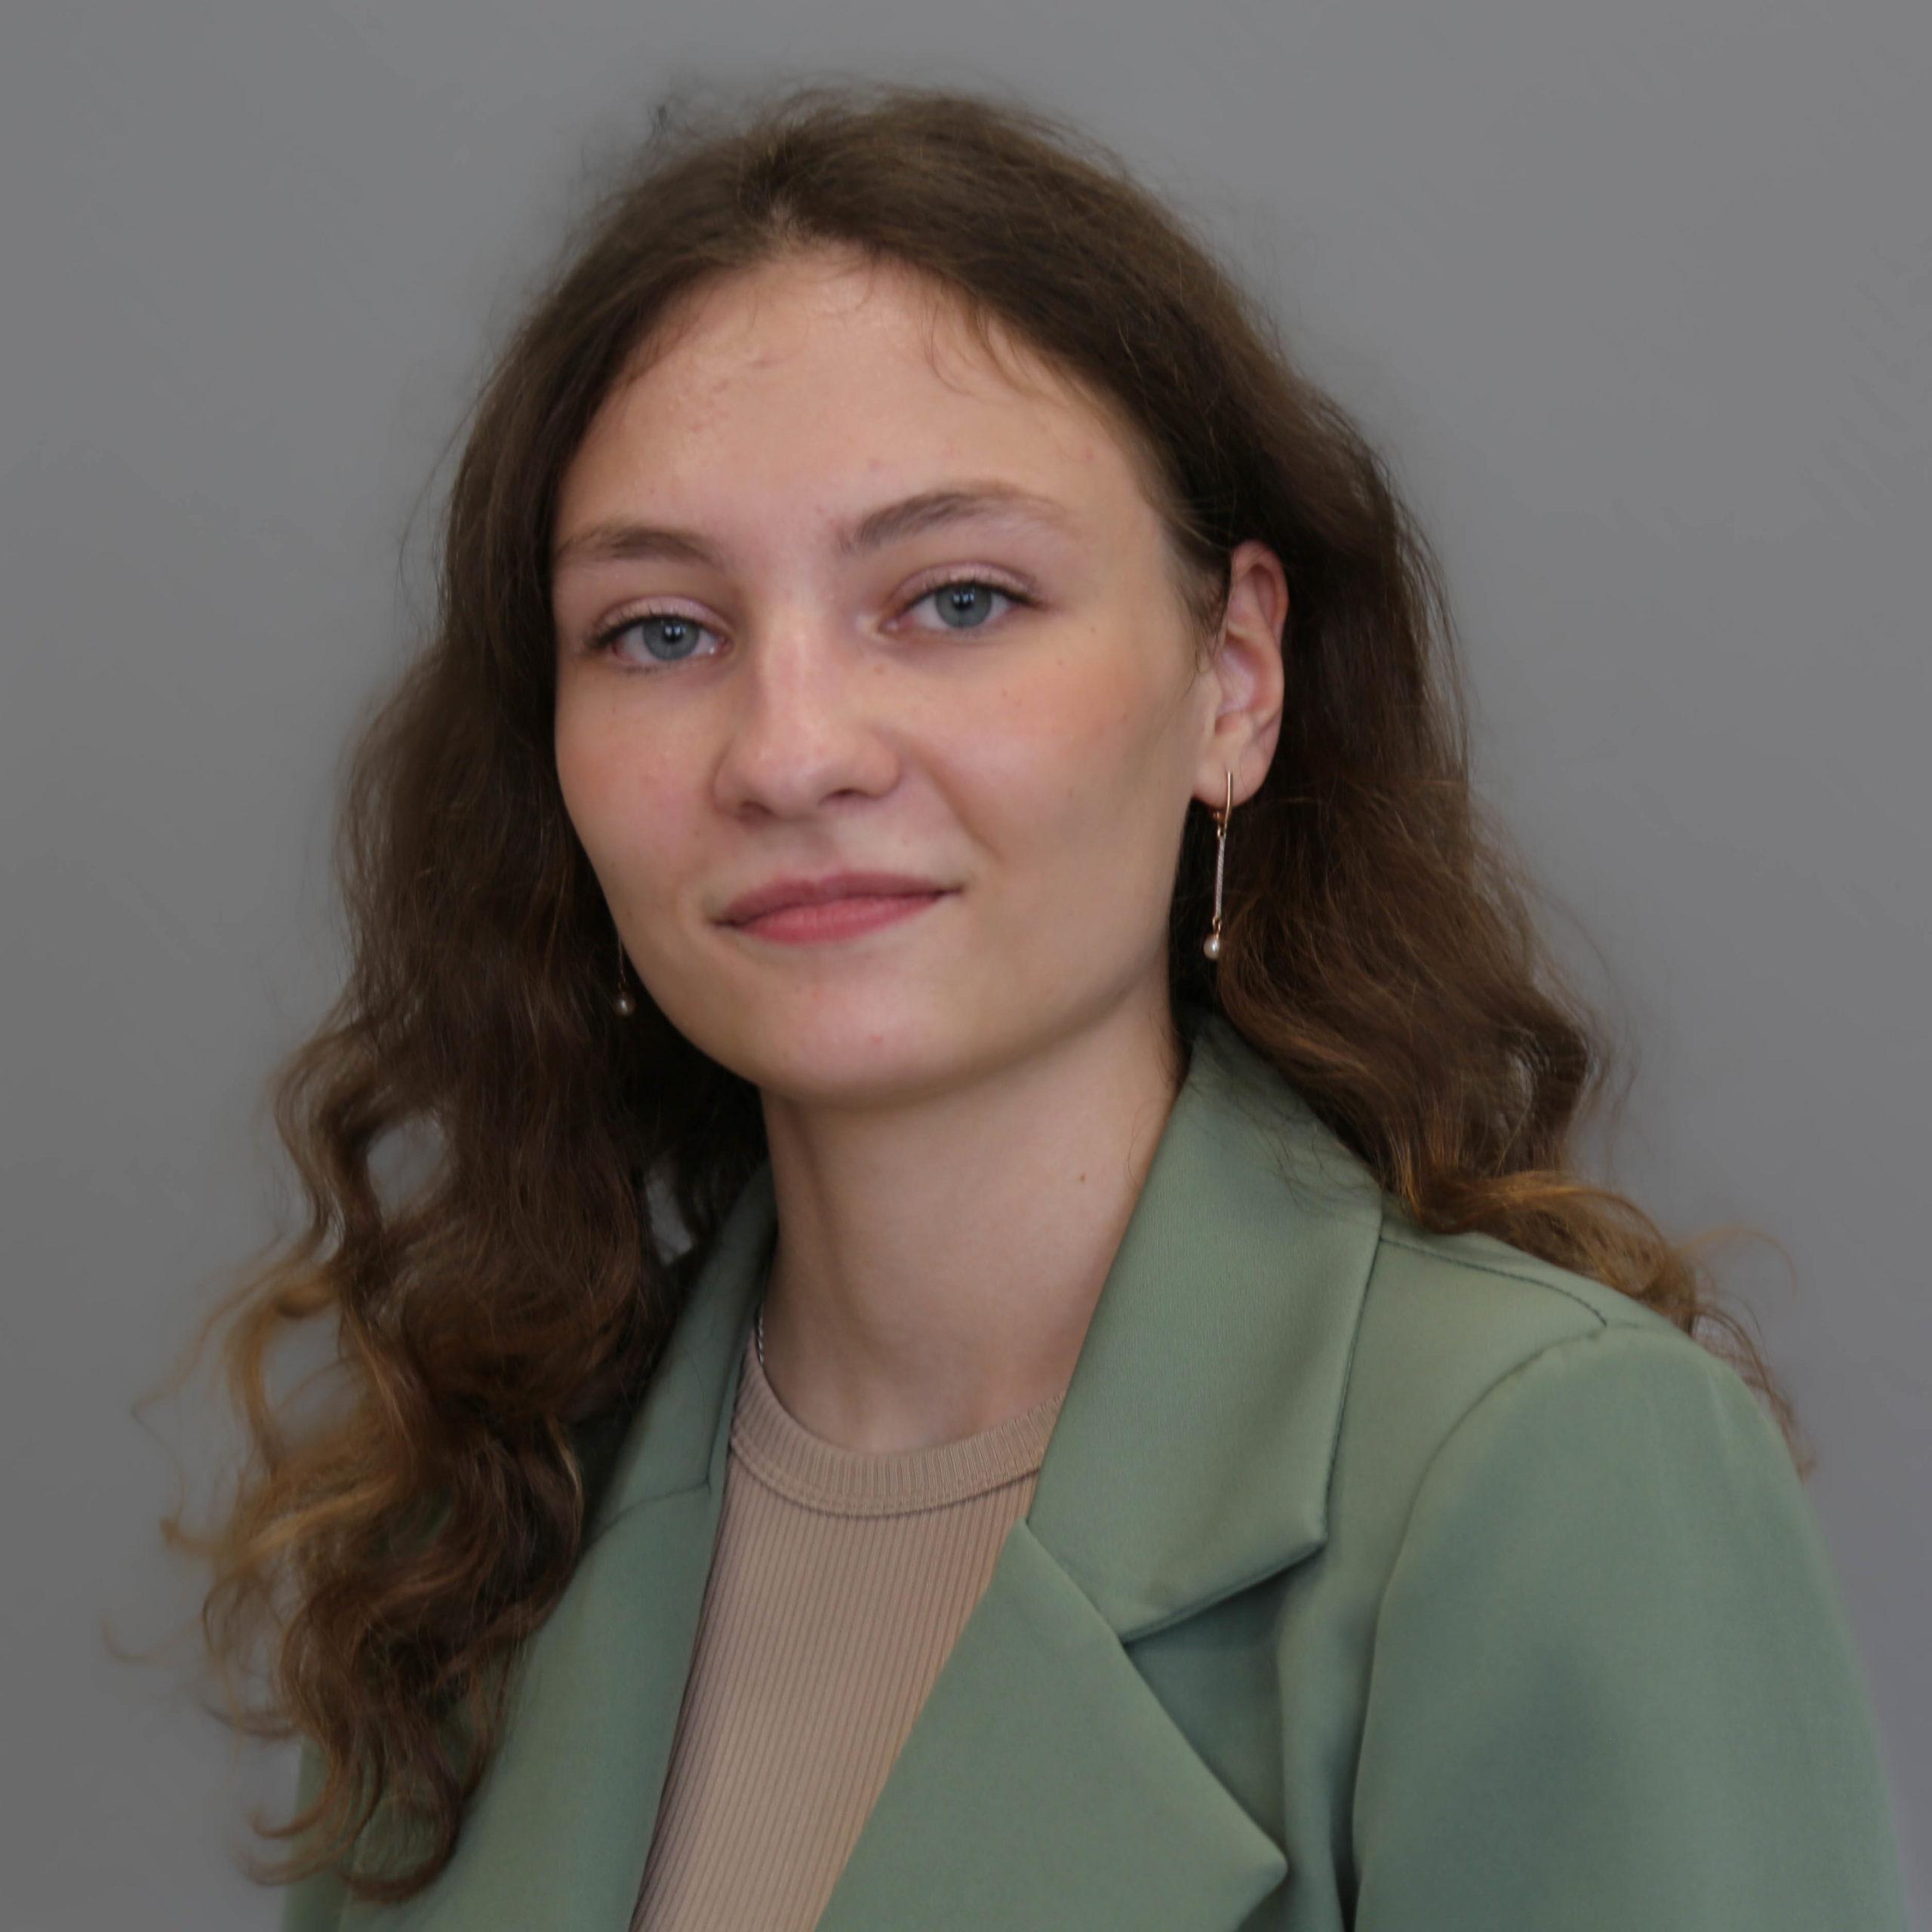 Цветкова Стефания Денисовна